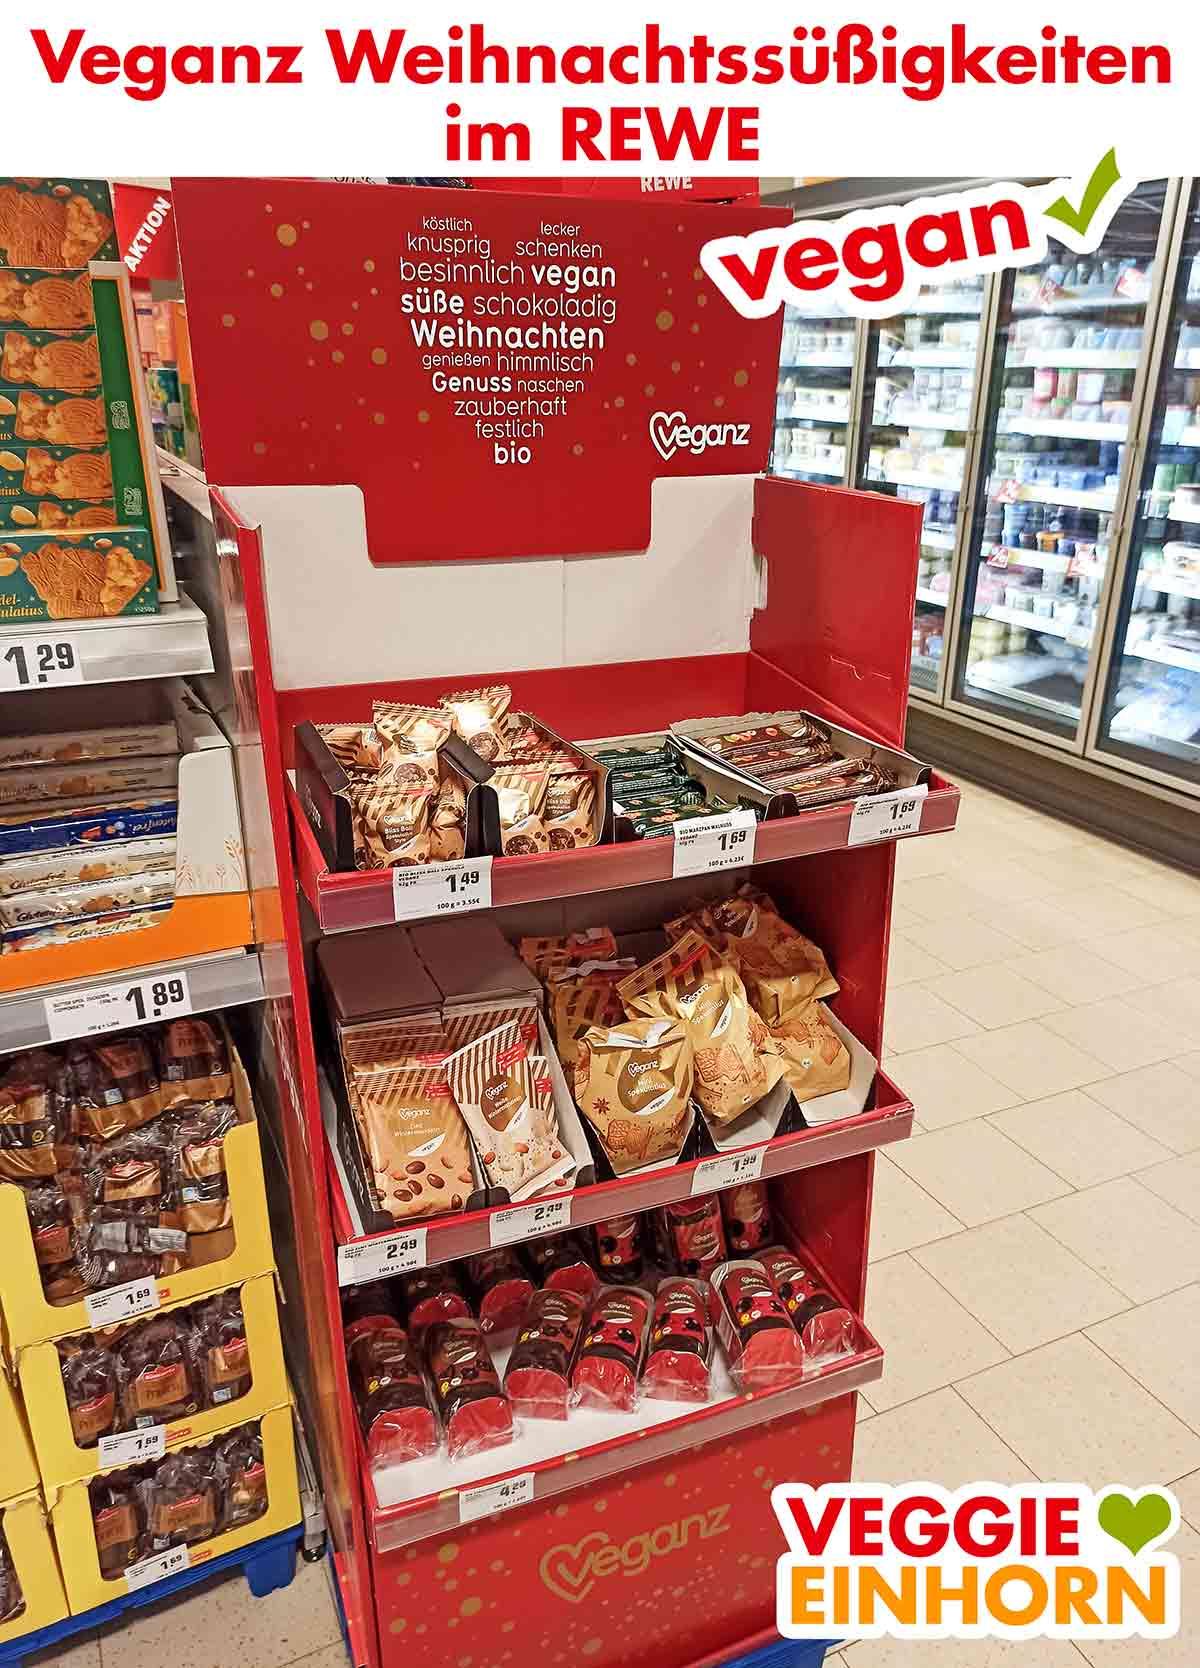 Ein Regal mit Veganz Süßigkeiten für Weihnachten im Supermarkt